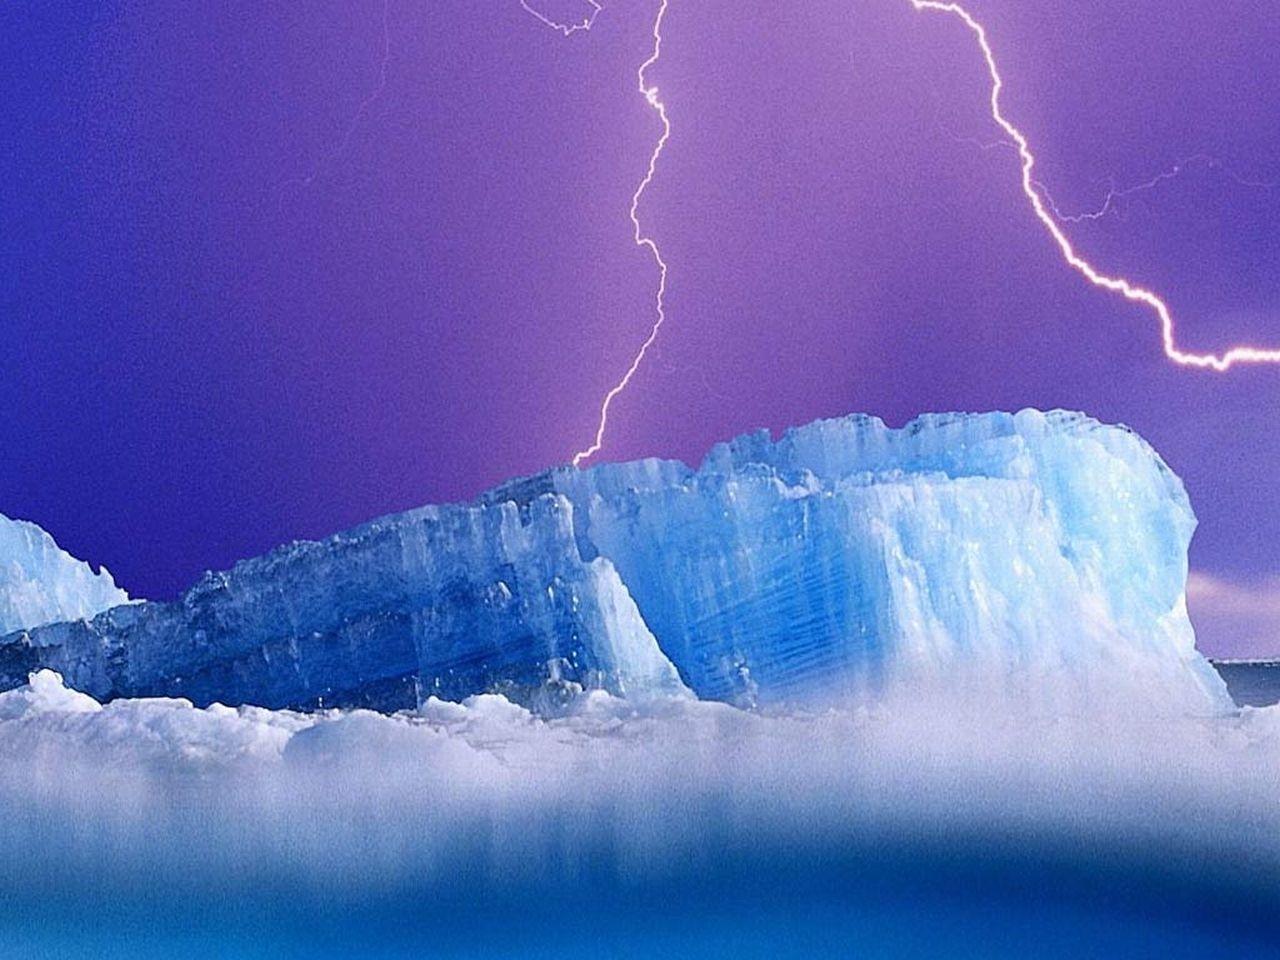 9237 скачать обои Пейзаж, Молнии, Снег, Антарктида, Арктика - заставки и картинки бесплатно